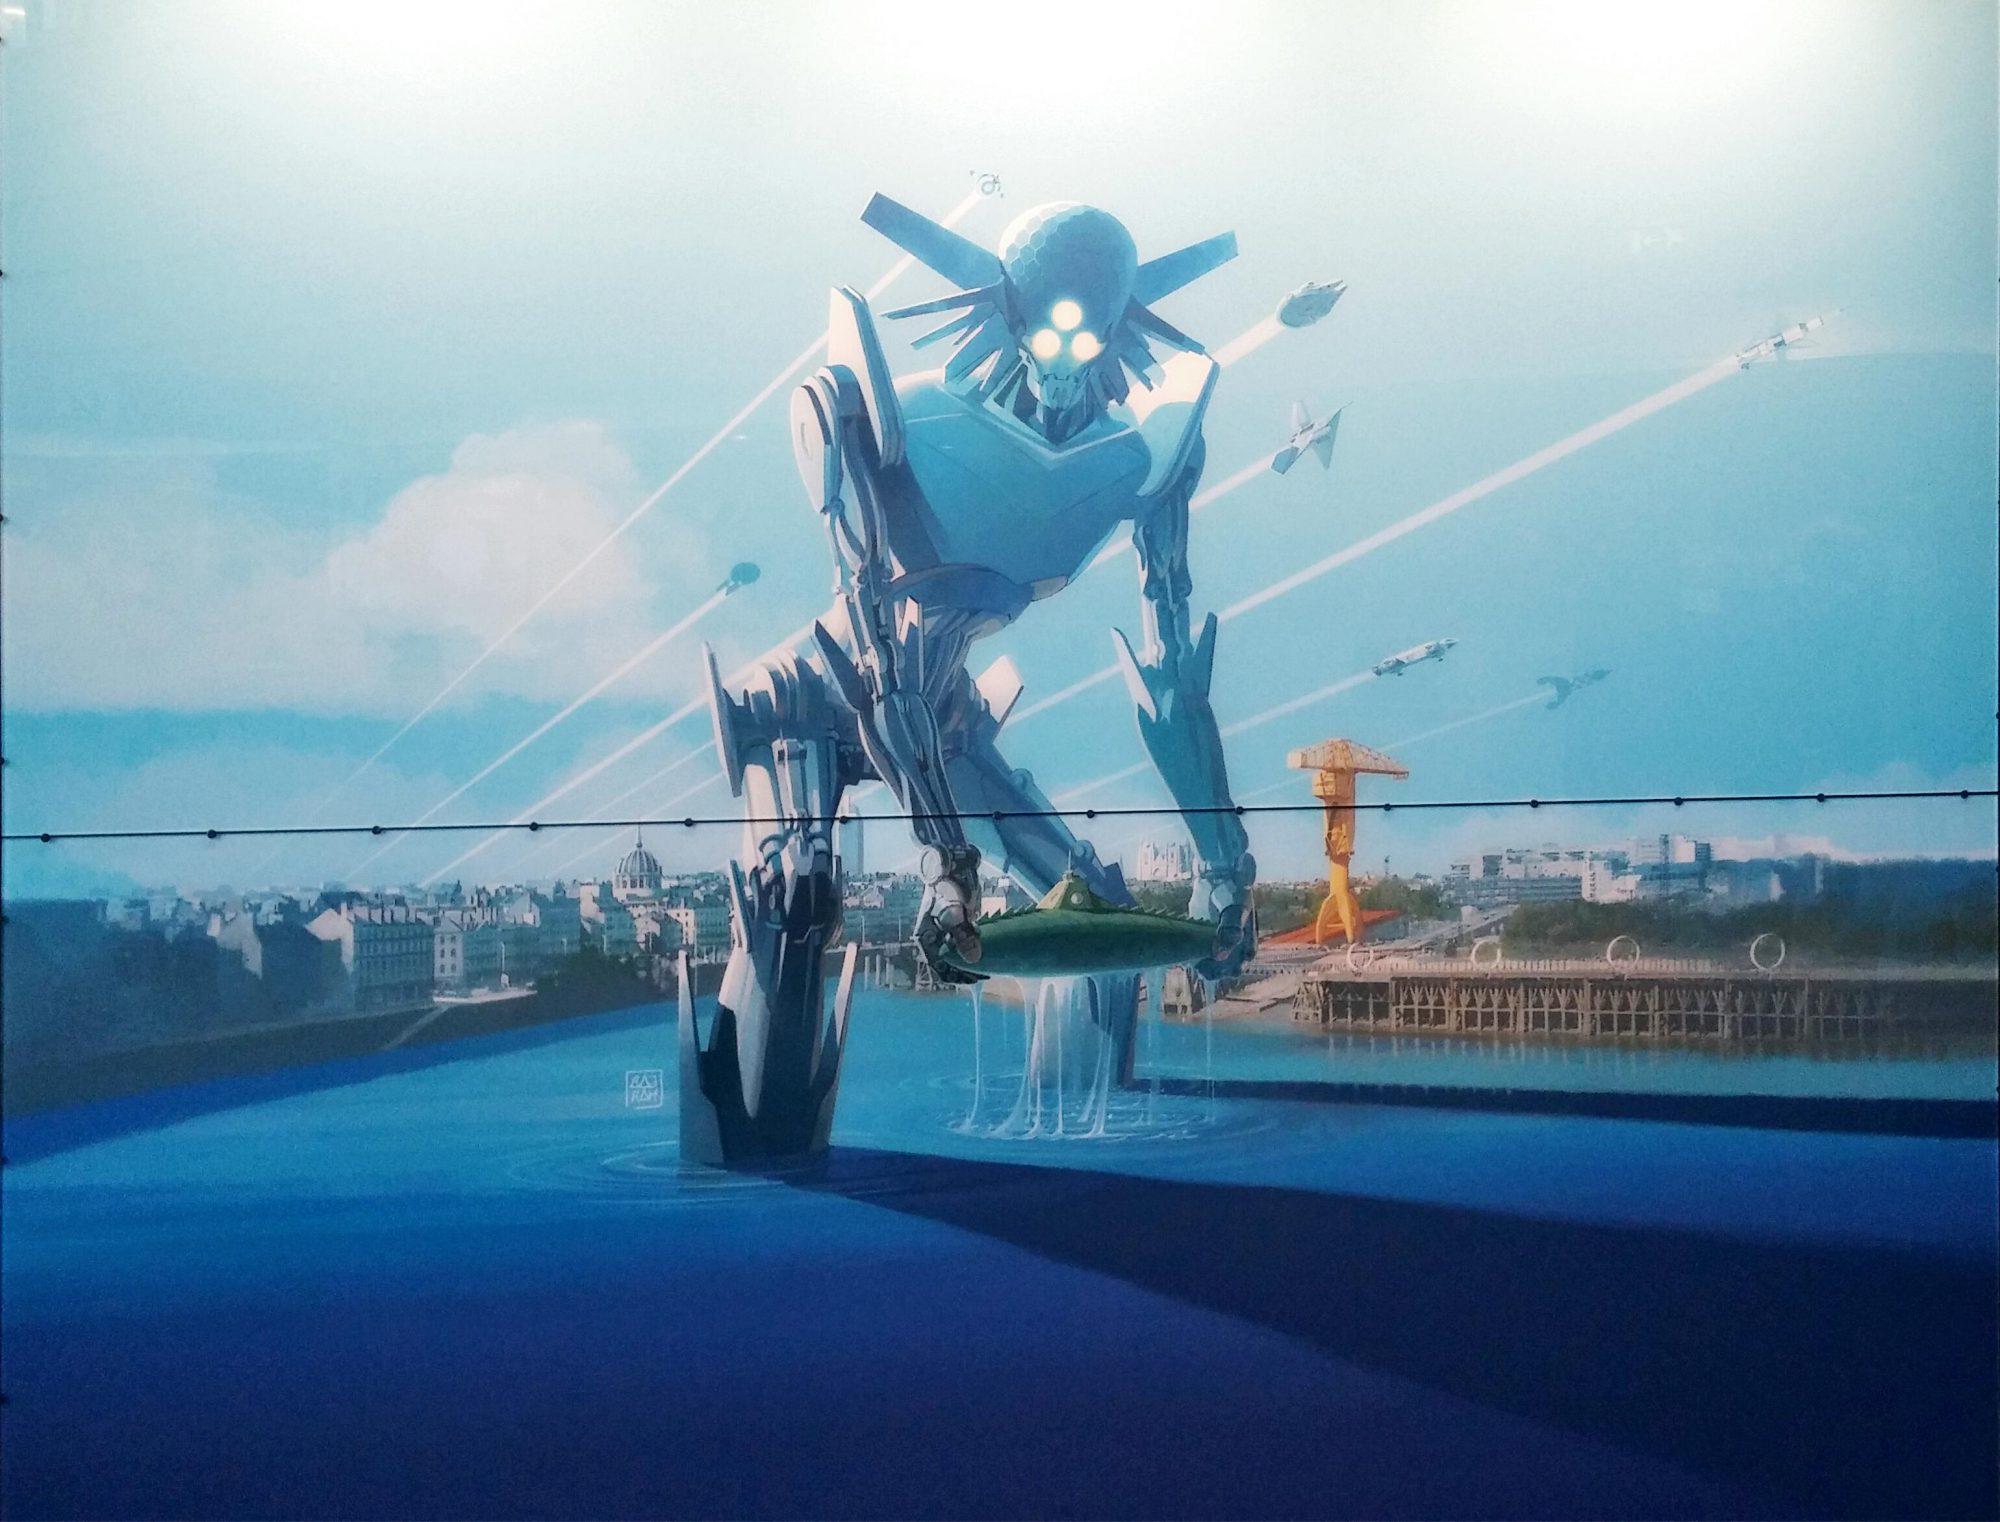 Affiche des Utopiales déssinée par Denis Bajram